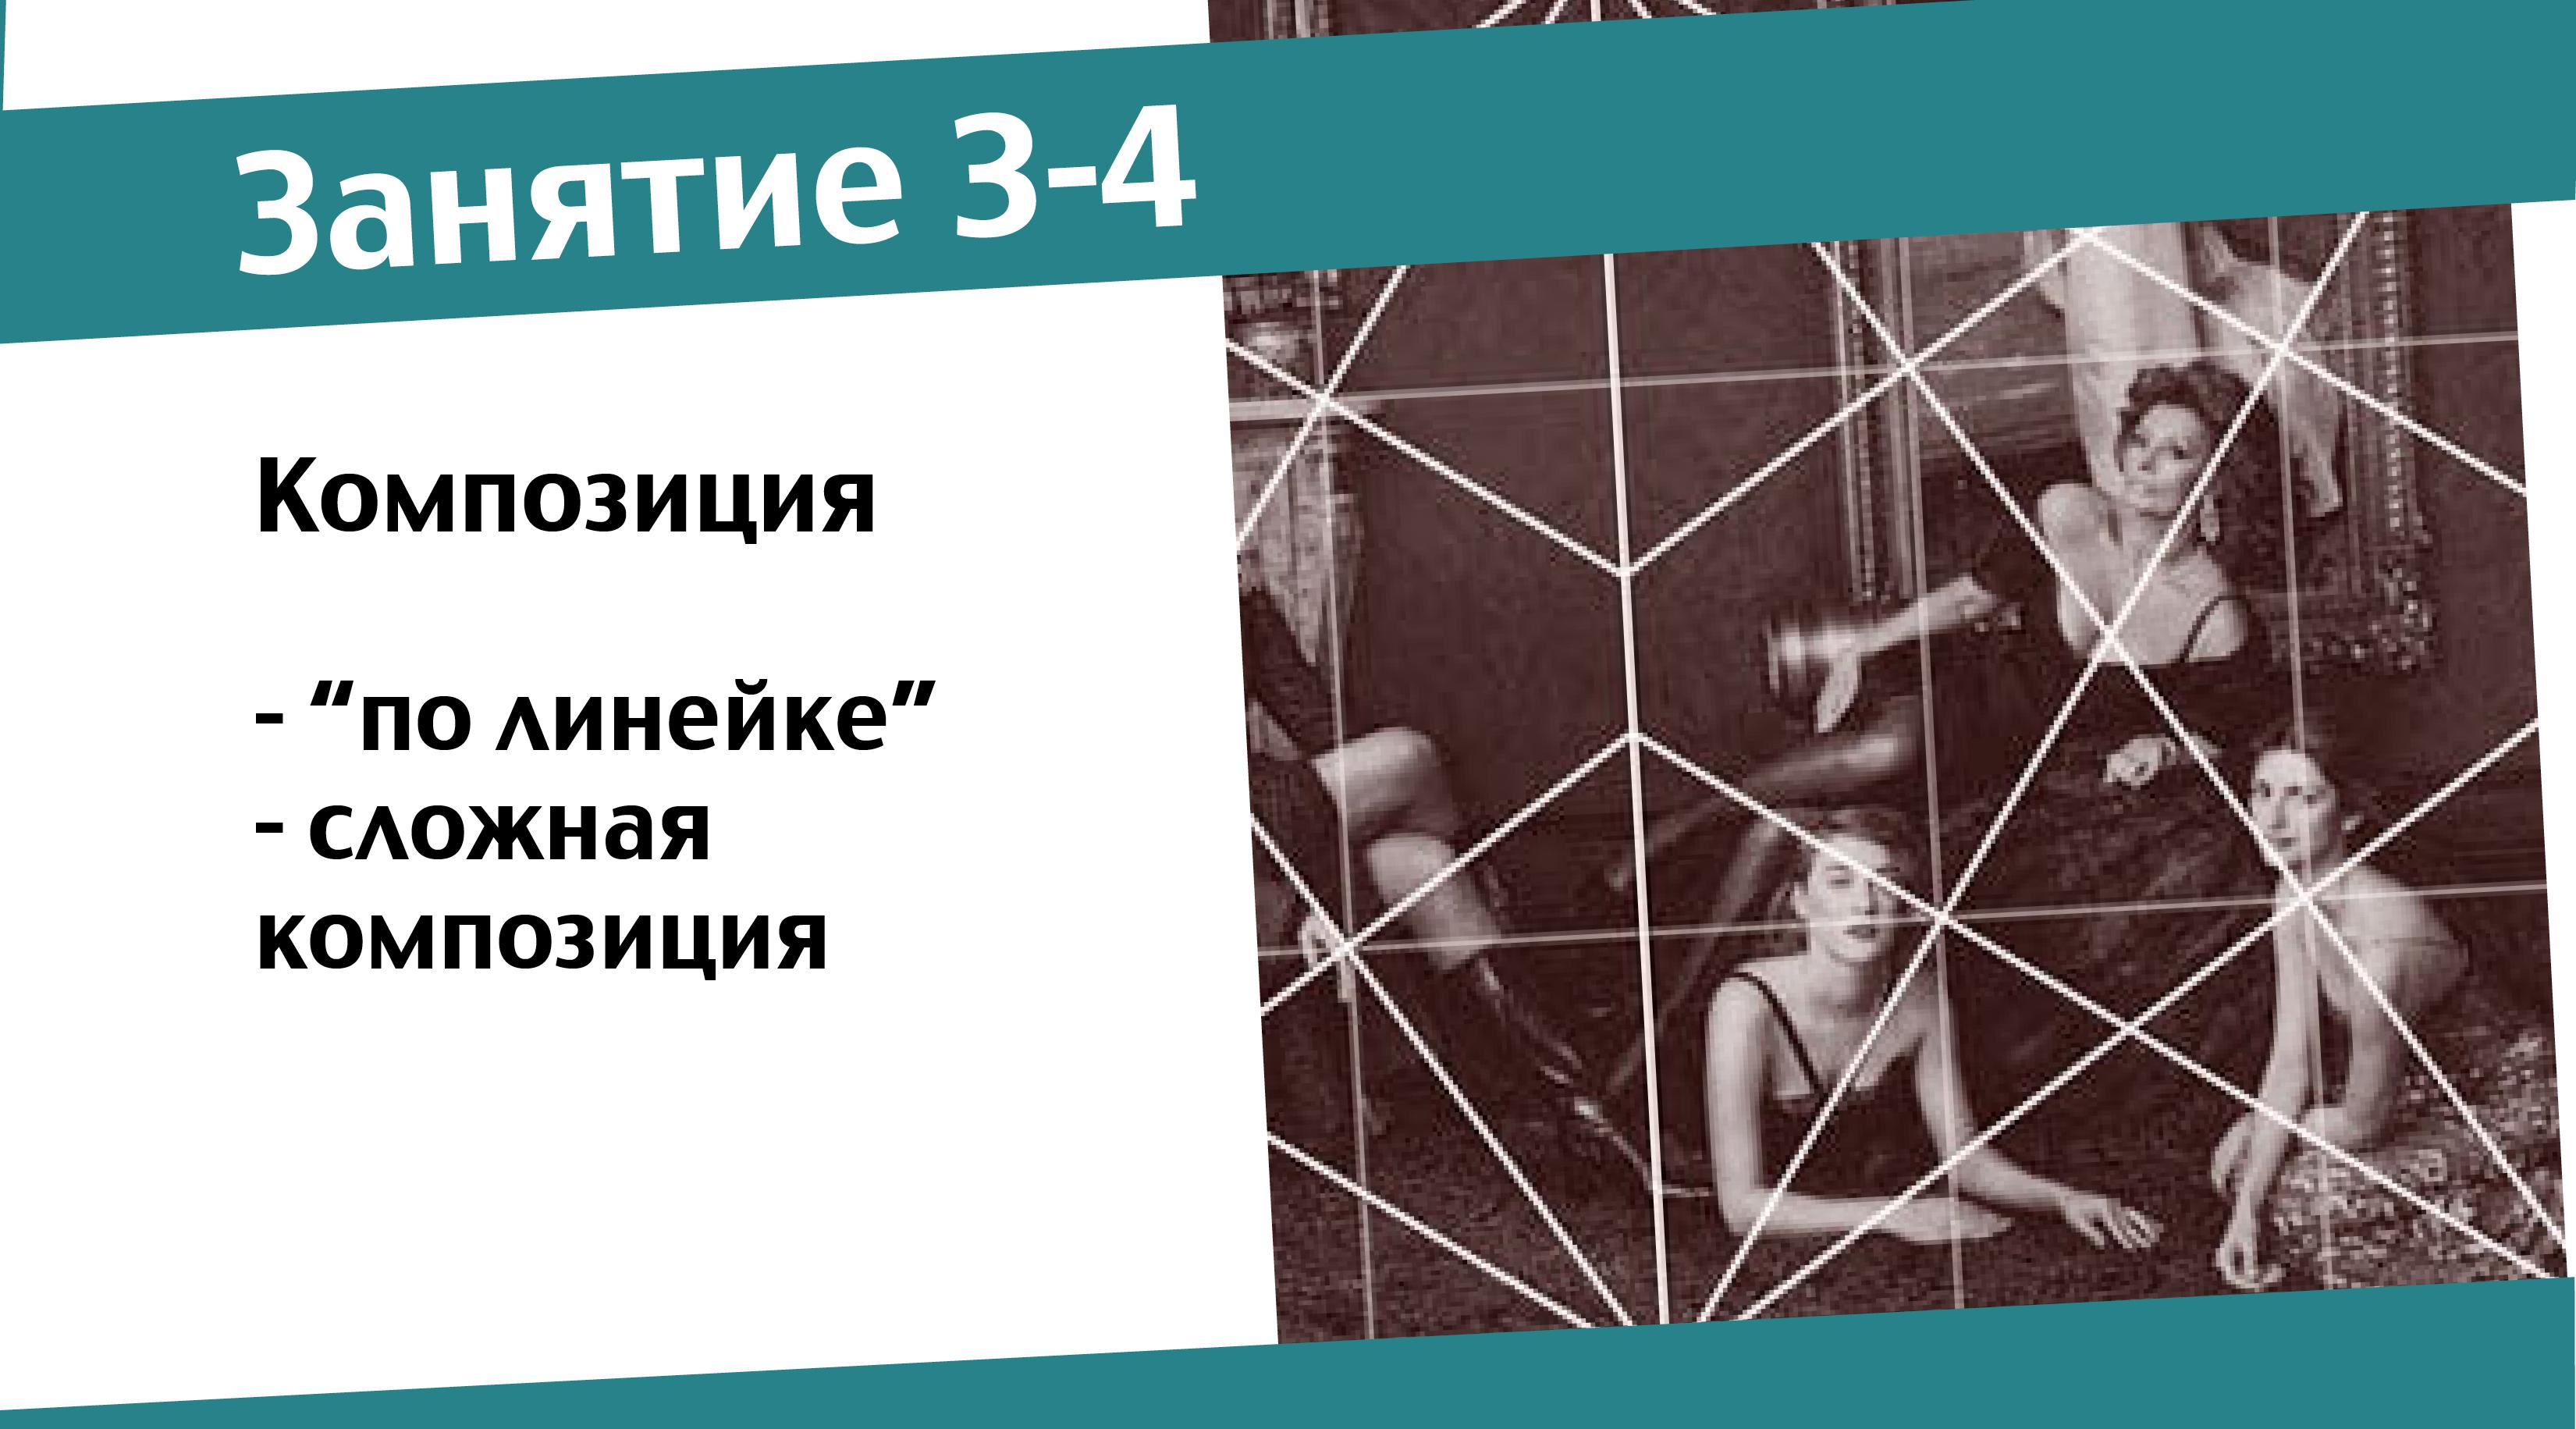 программа3